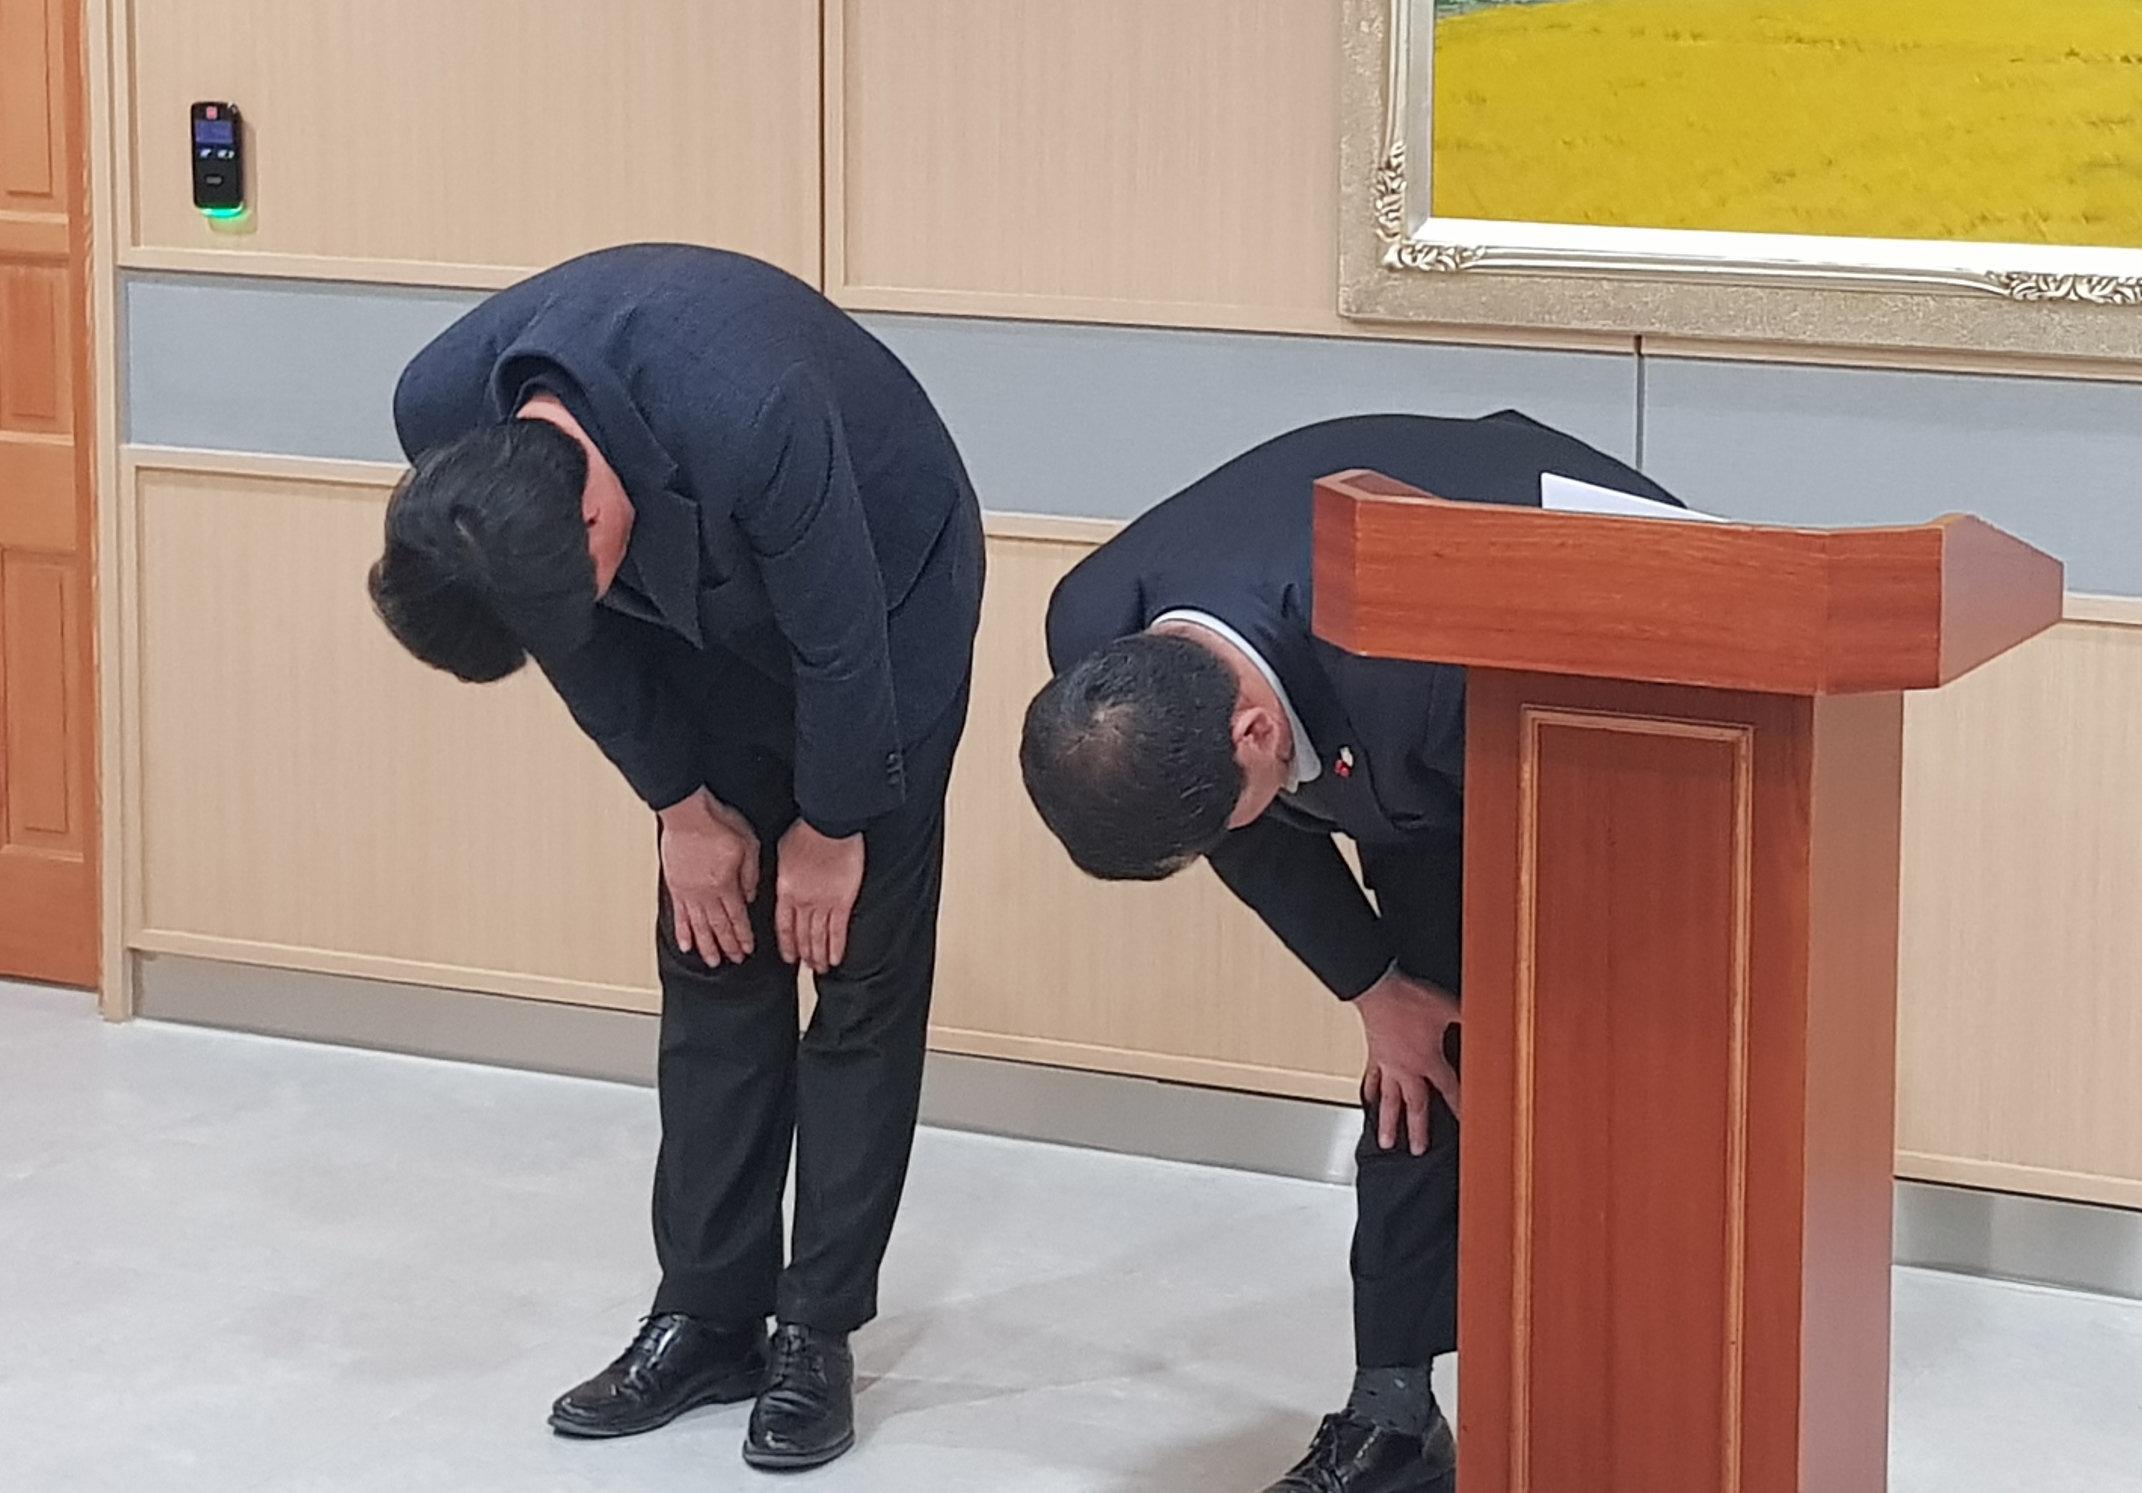 경북 예천군의회 이형식 의장과 박종철 부의장(왼쪽)이 해외연수기간 중 가이드 폭행사건과 관련, 사과문을 발표하고 고개숙여 사죄하고